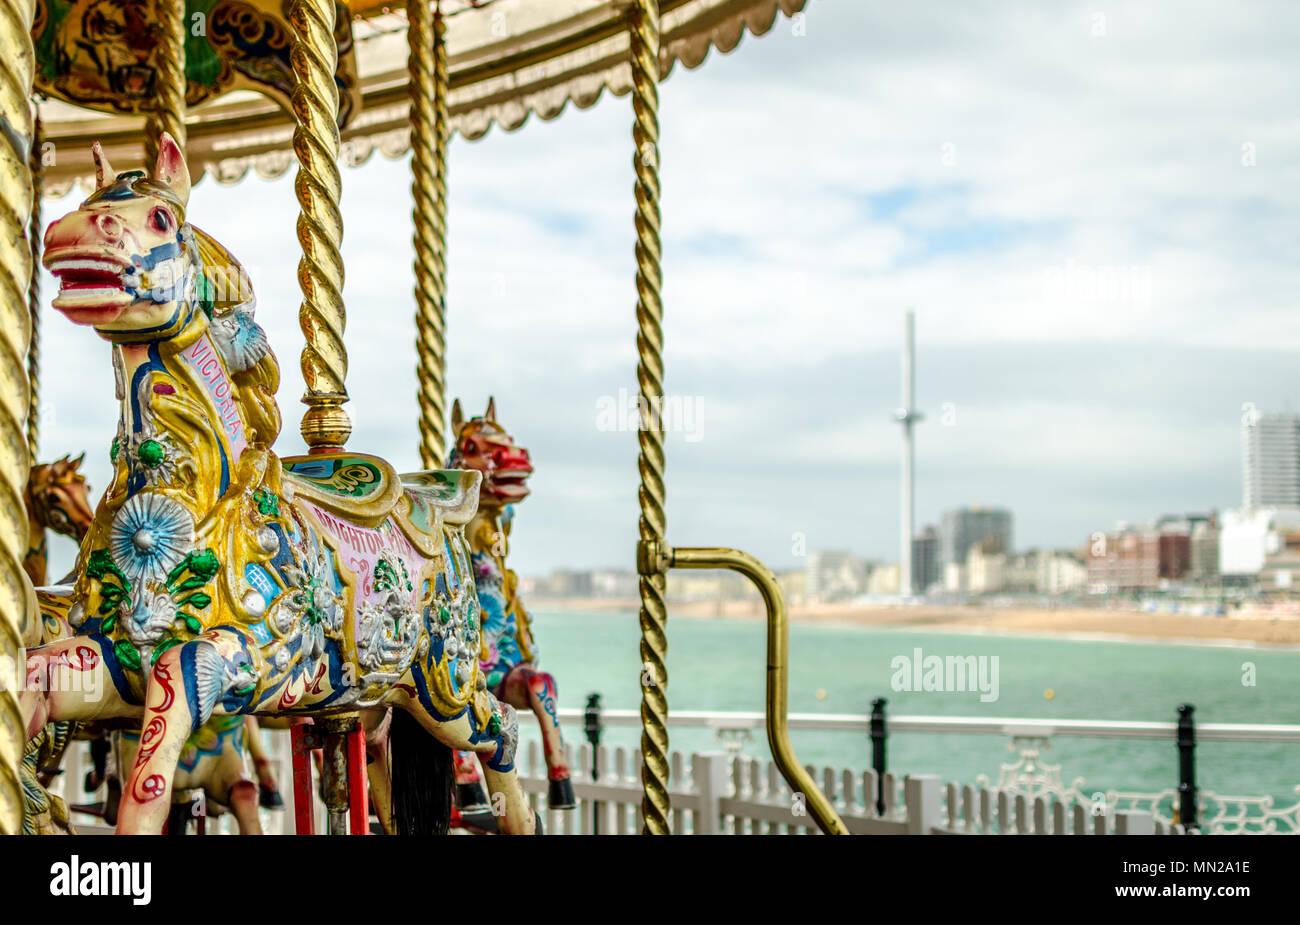 Eine Ansicht von Brighton Pier mit den traditionellen Pferd Karussell auf dem Pier und dem British Airways ich 360 Aussichtsturm in der Ferne. Stockbild